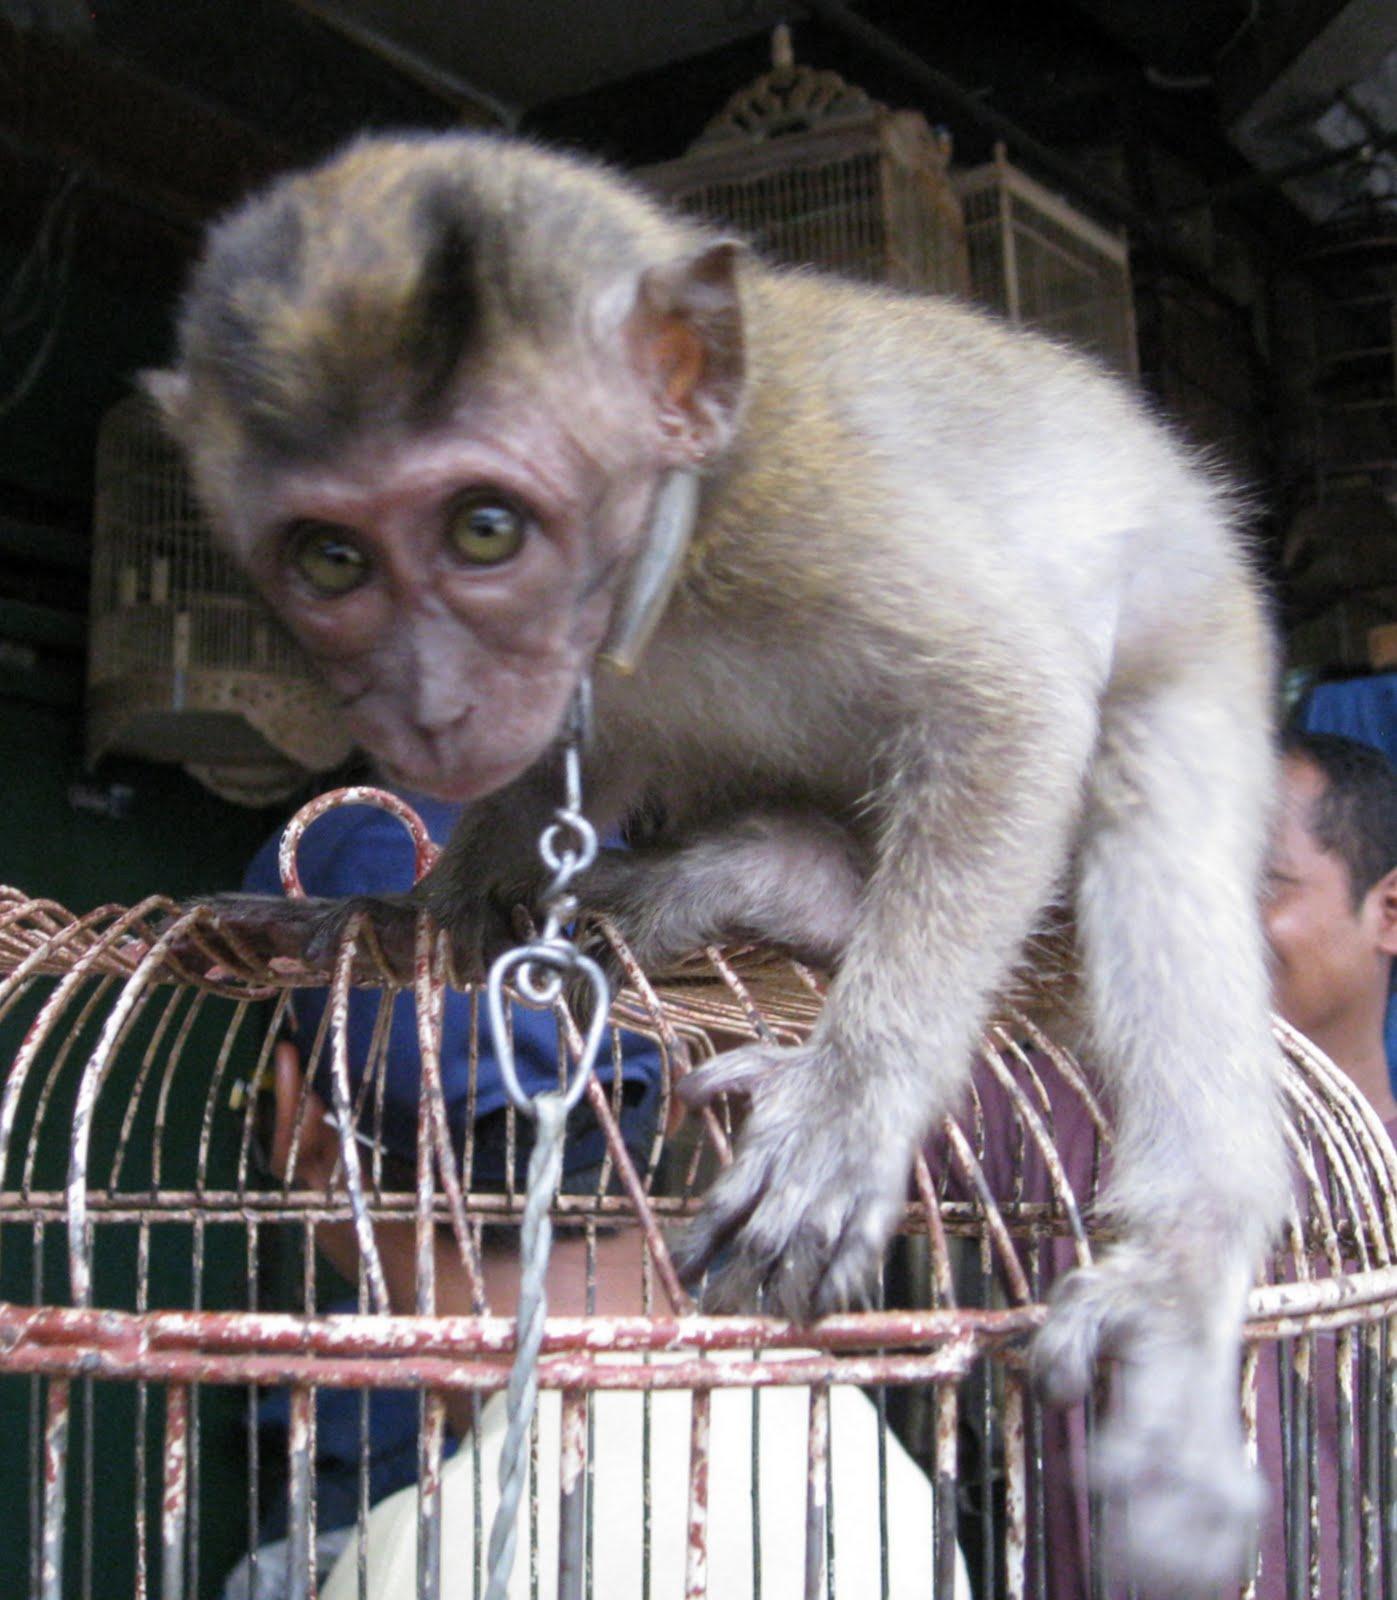 Pramuka: Veggie Revolution: Laws Flaunted: Flourishing Pet Trade